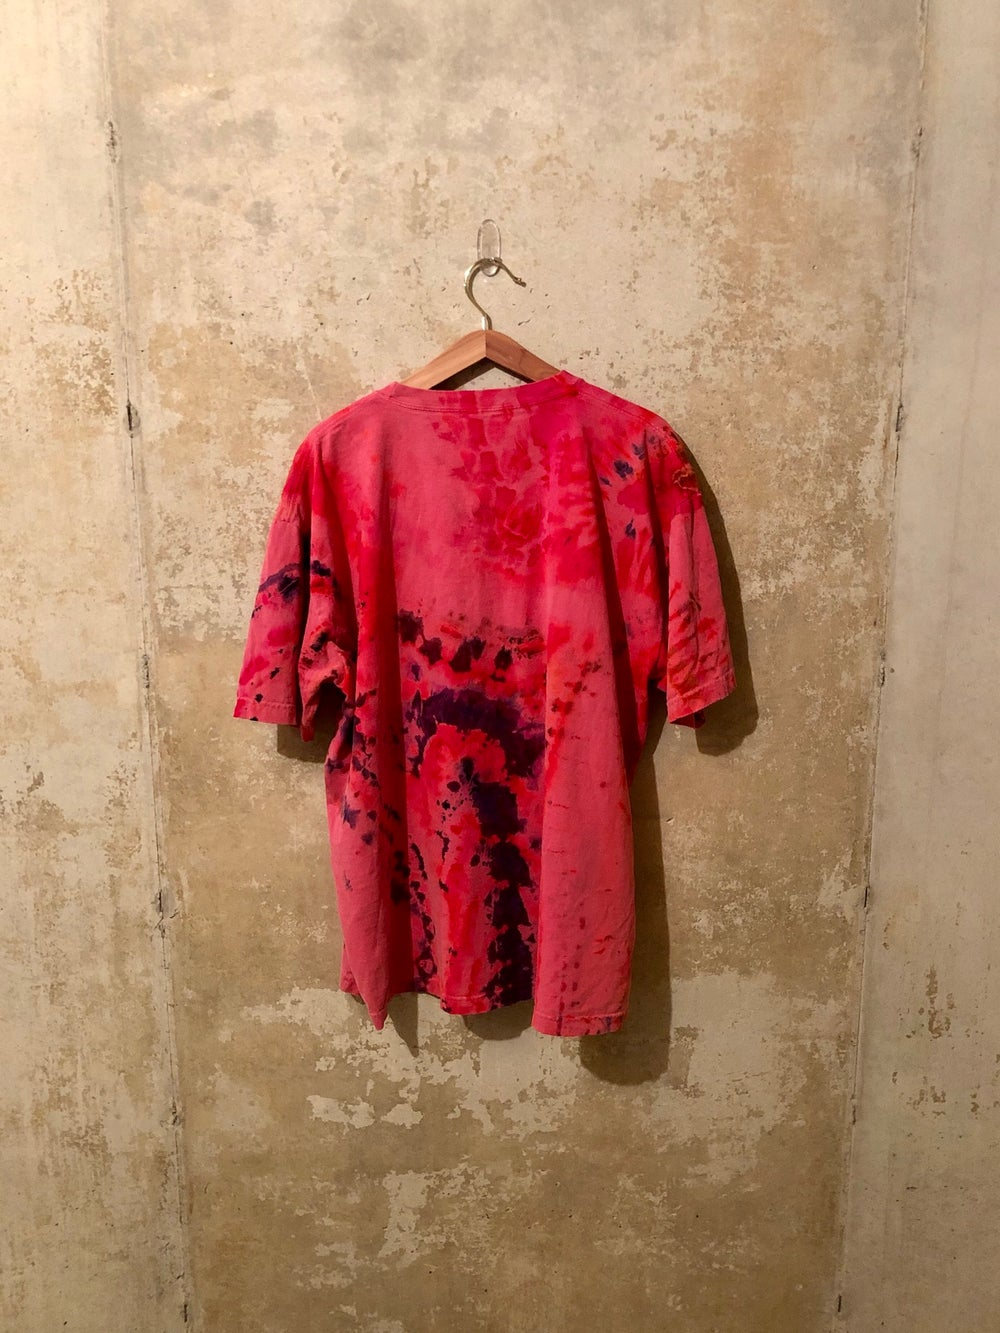 XL Puff Print Tye Dye Shirt #11